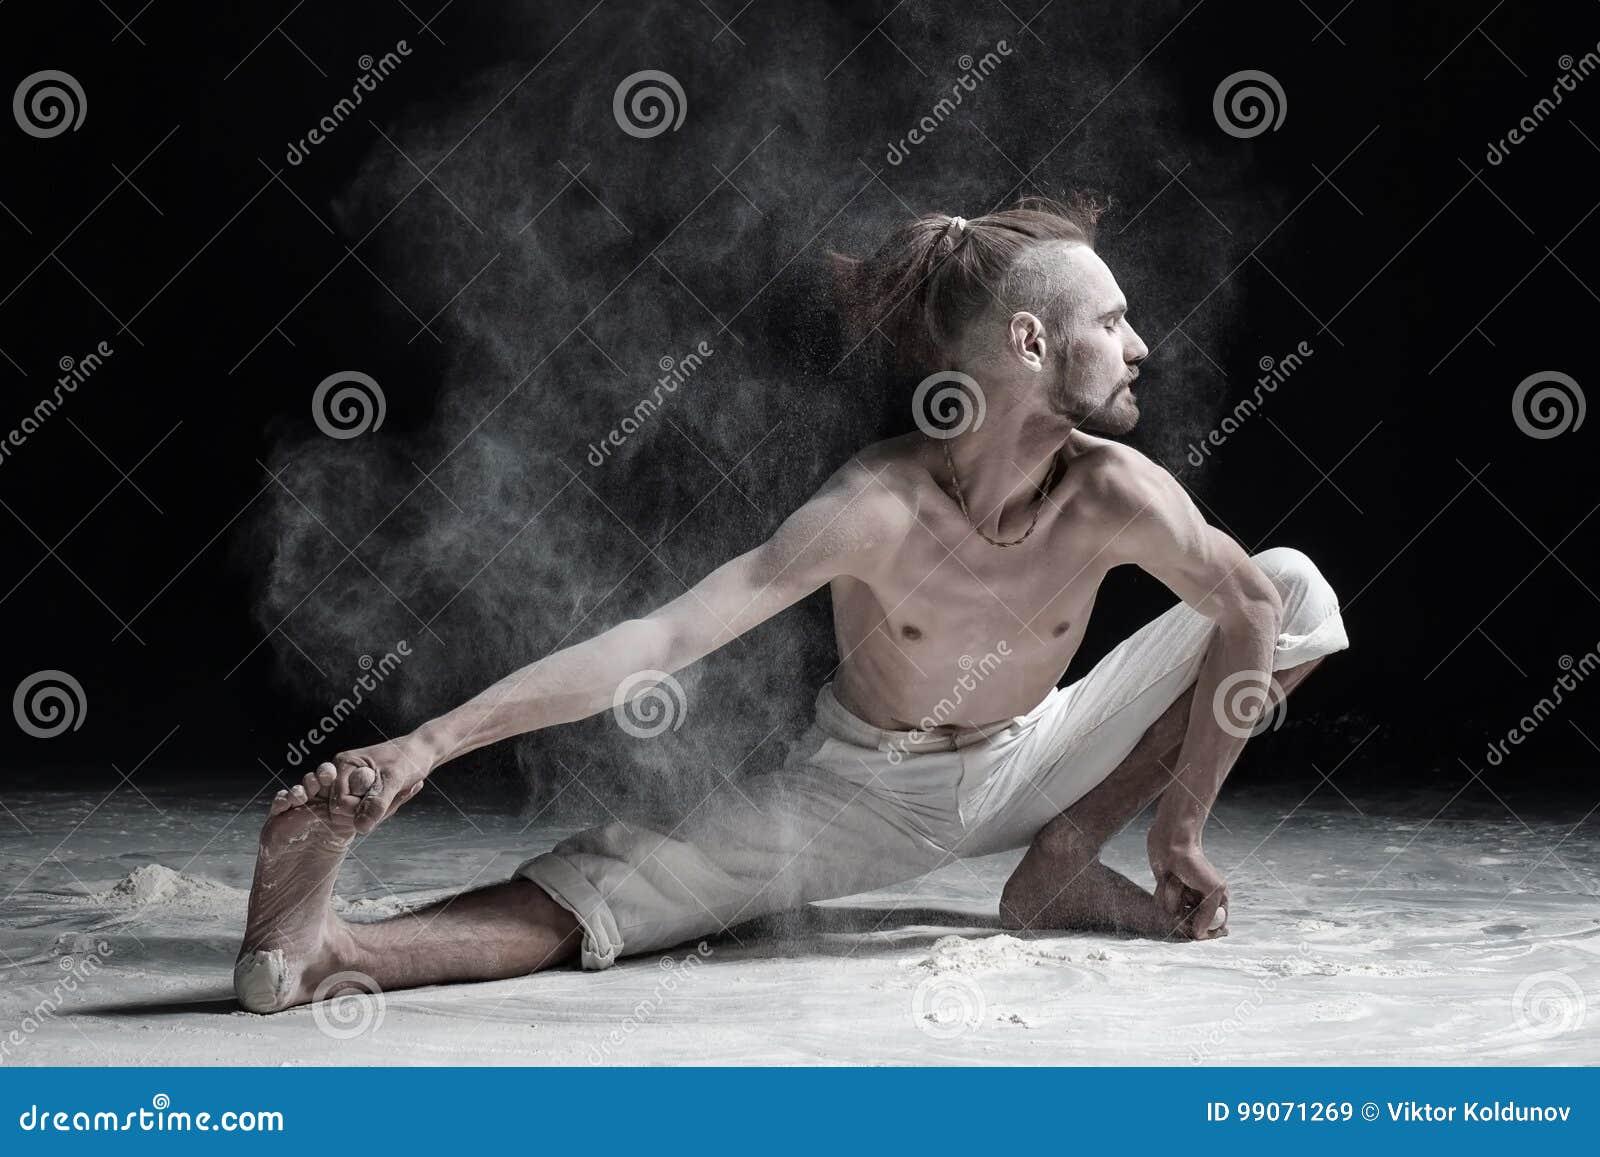 De flexibele kant van de yogamens doung valt wijd uit of utthitanamaskarasana